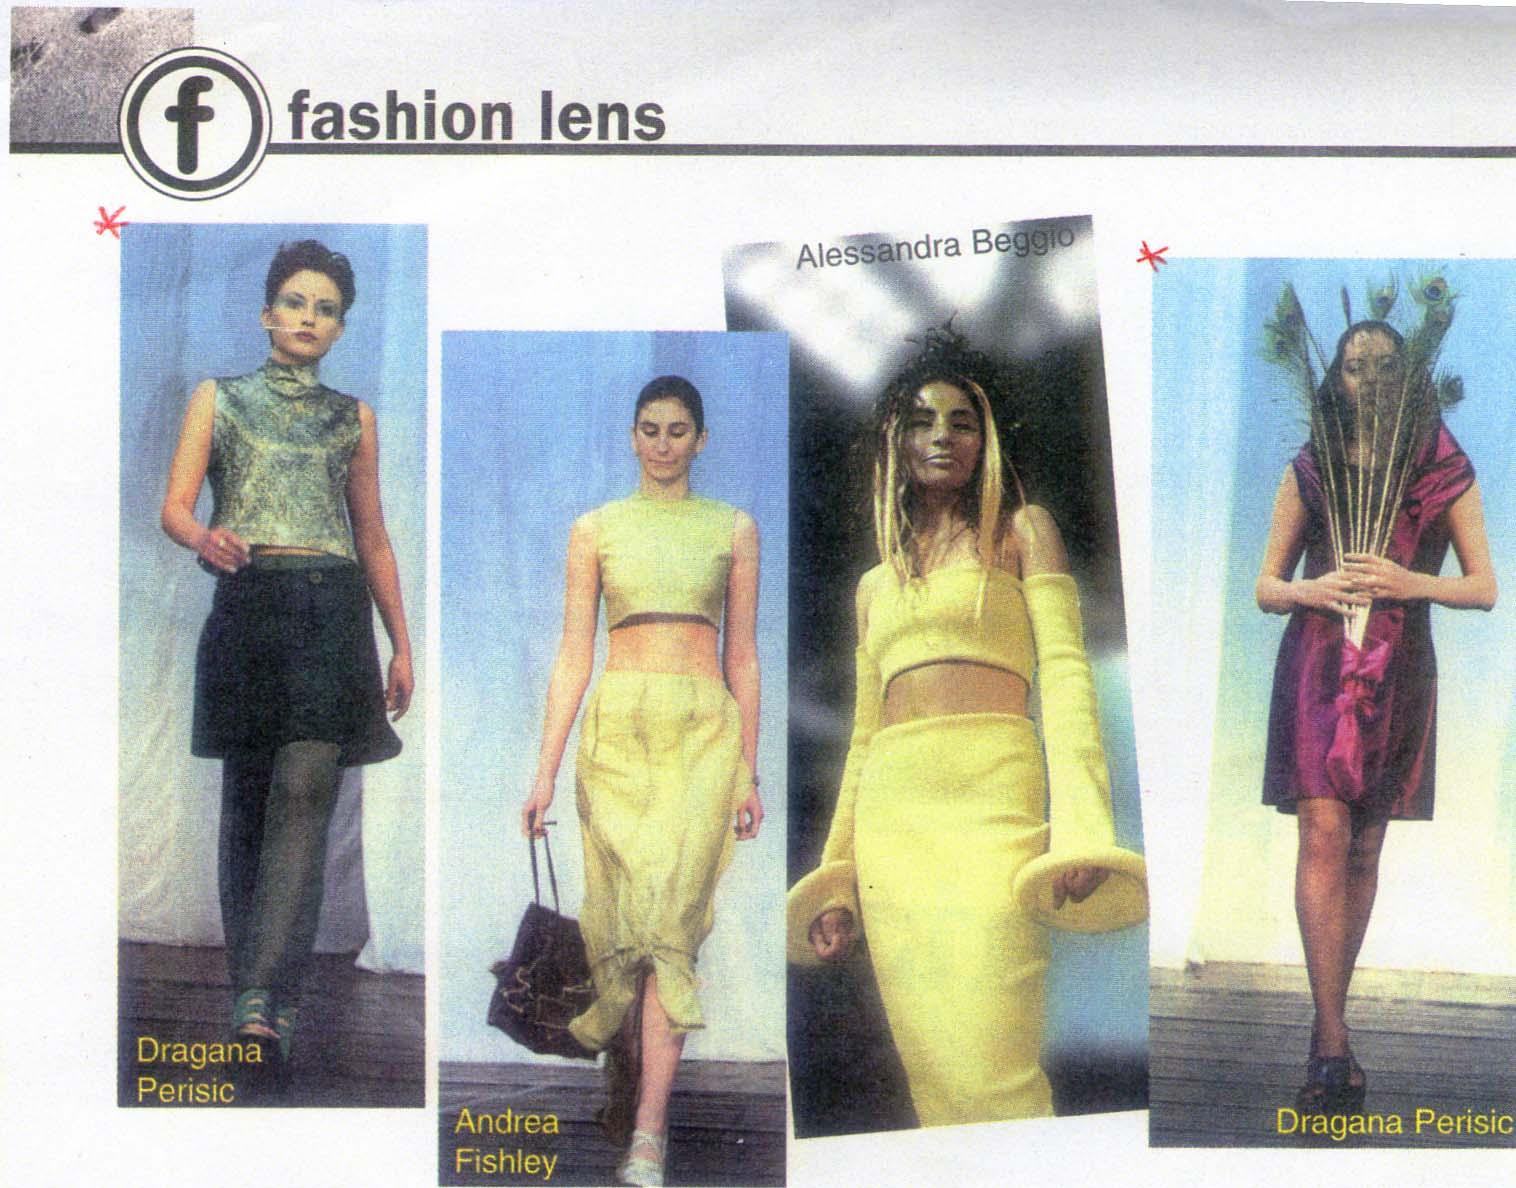 TNT fashion lens 3of3.jpg